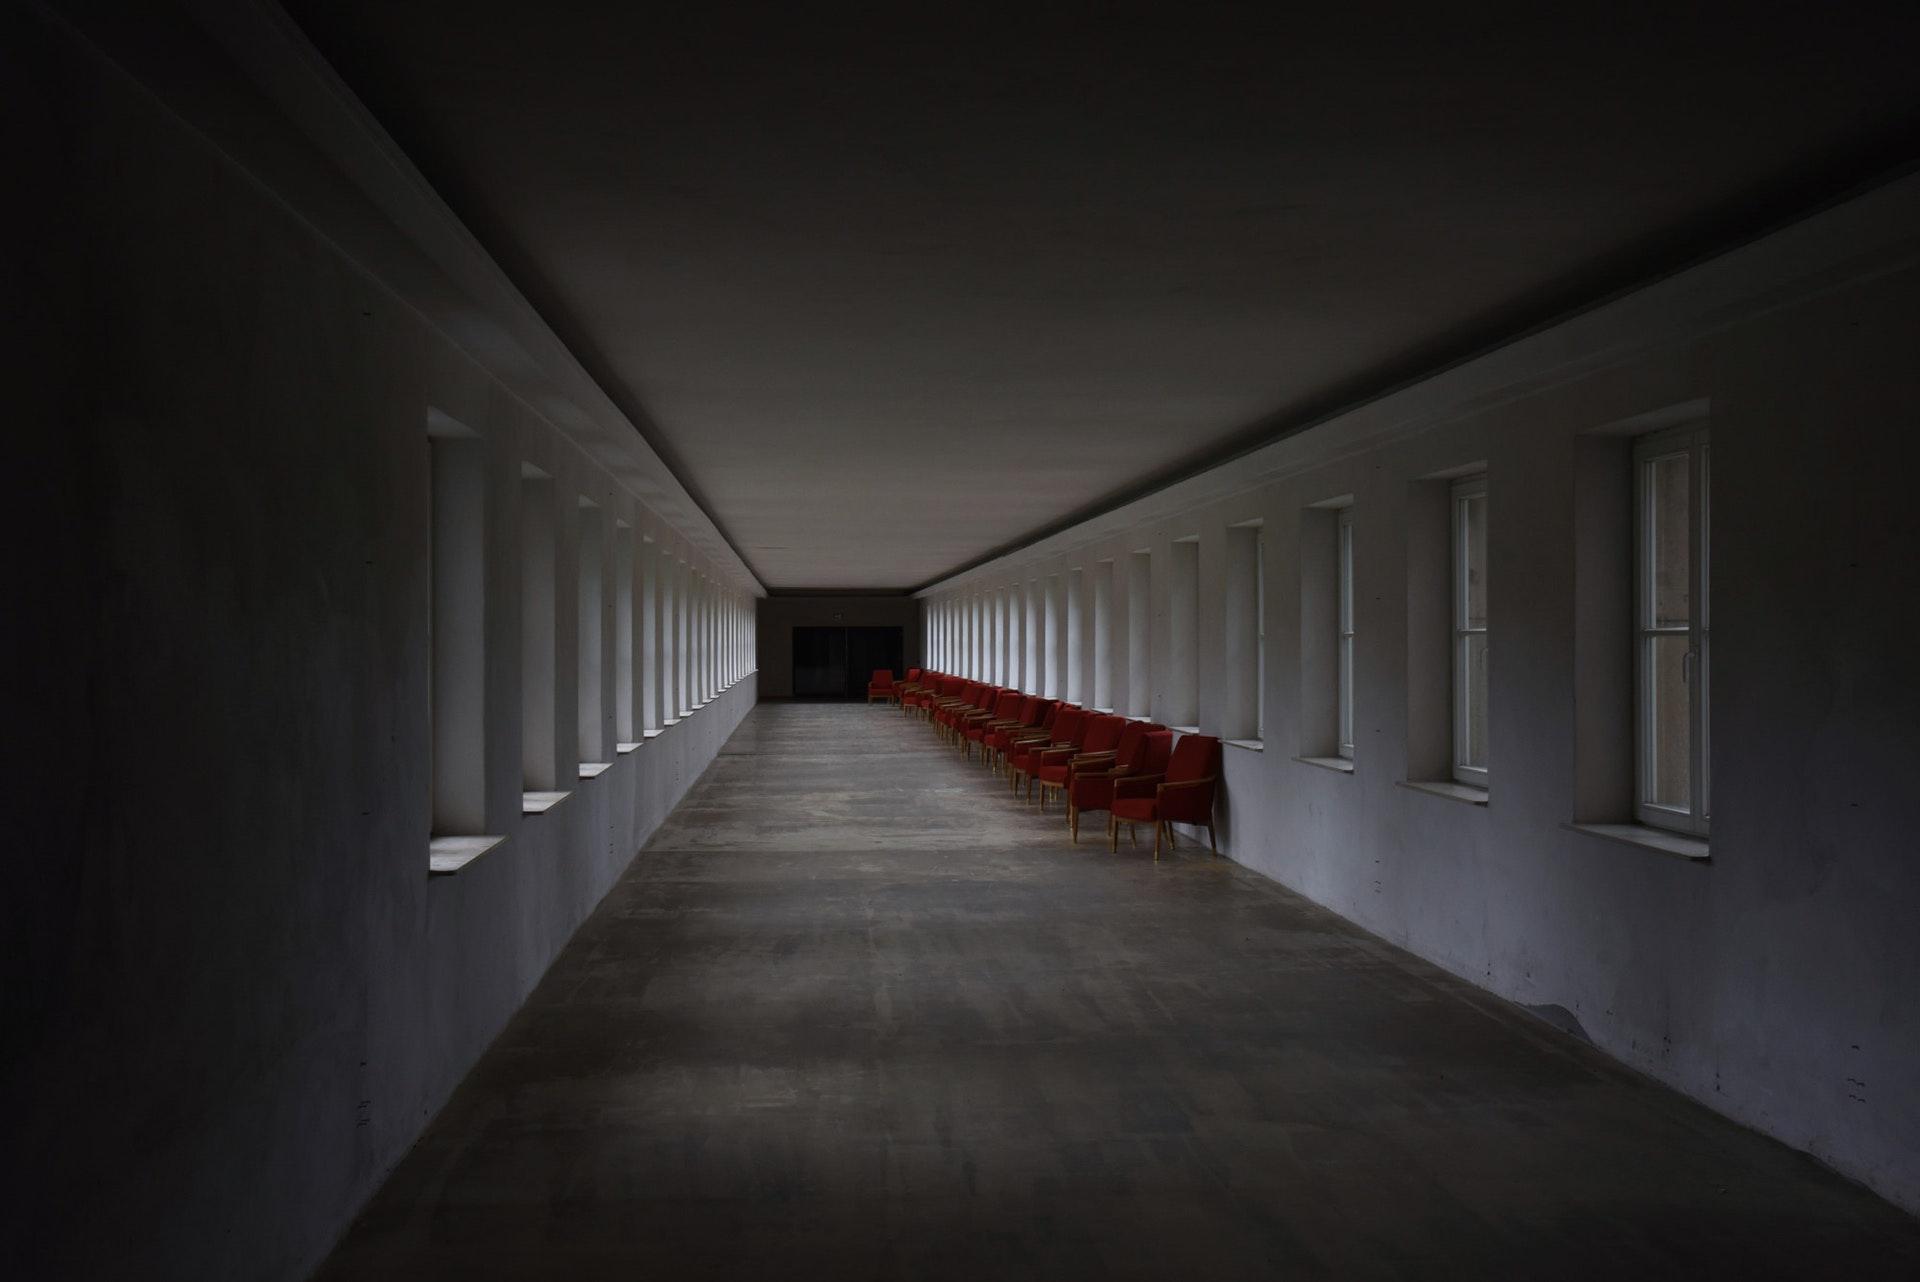 С 1987 года в интерьере 3-комнатной берлинской квартиры (Хеллерсдорфер-штрасе, 179) ничего н